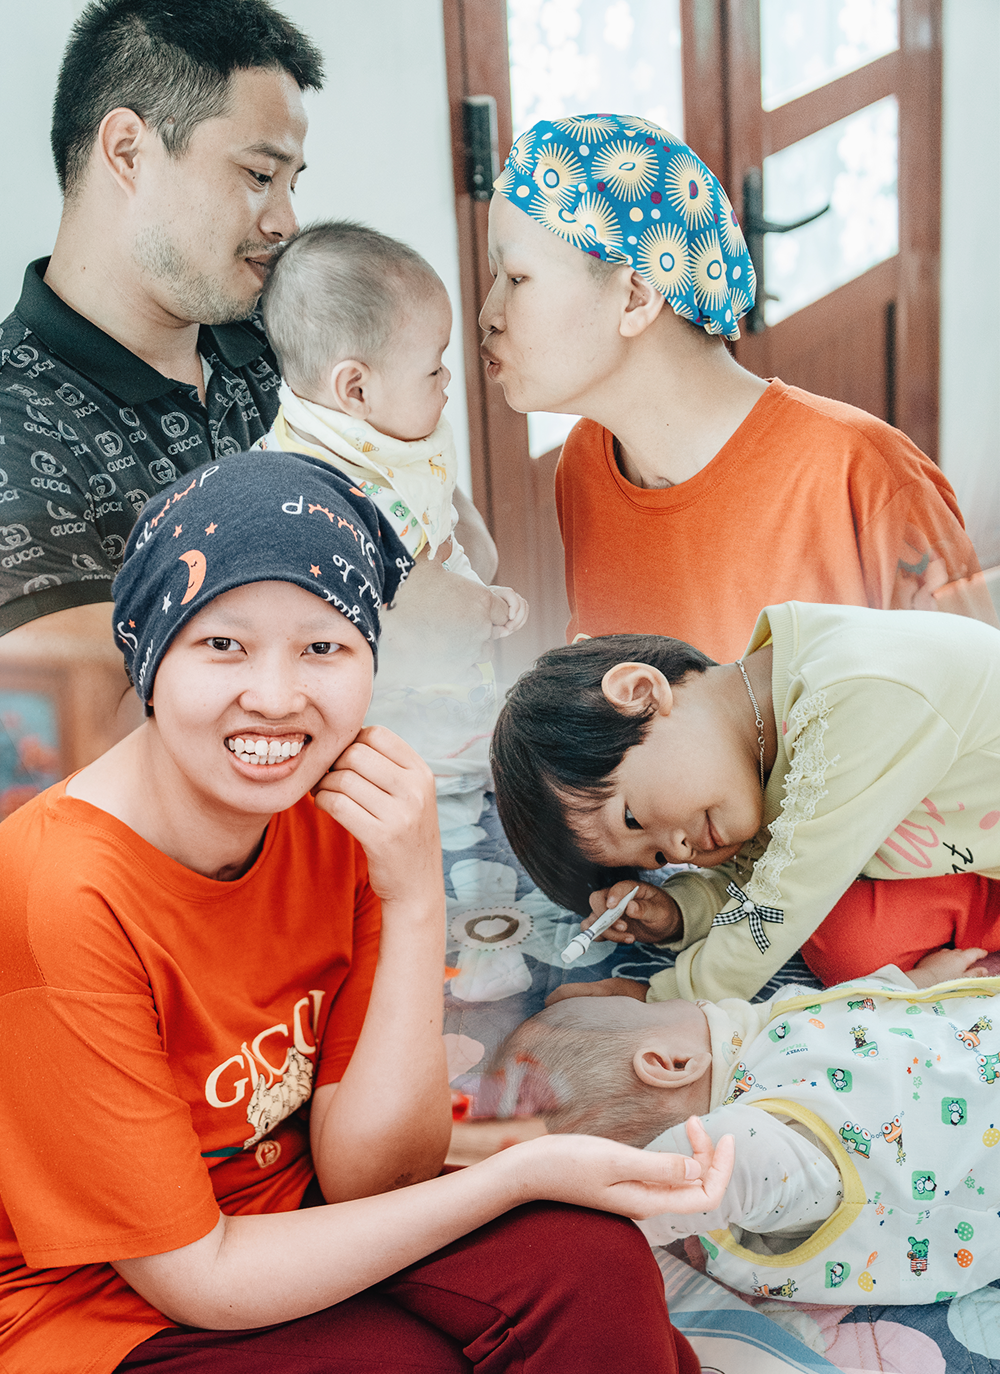 Đỗ Bình An đã được 6 tháng tuổi: Câu chuyện phi thường của người mẹ ung thư giai đoạn cuối, quyết sinh con bằng tất cả tình yêu thương và lòng dũng cảm - Ảnh 1.